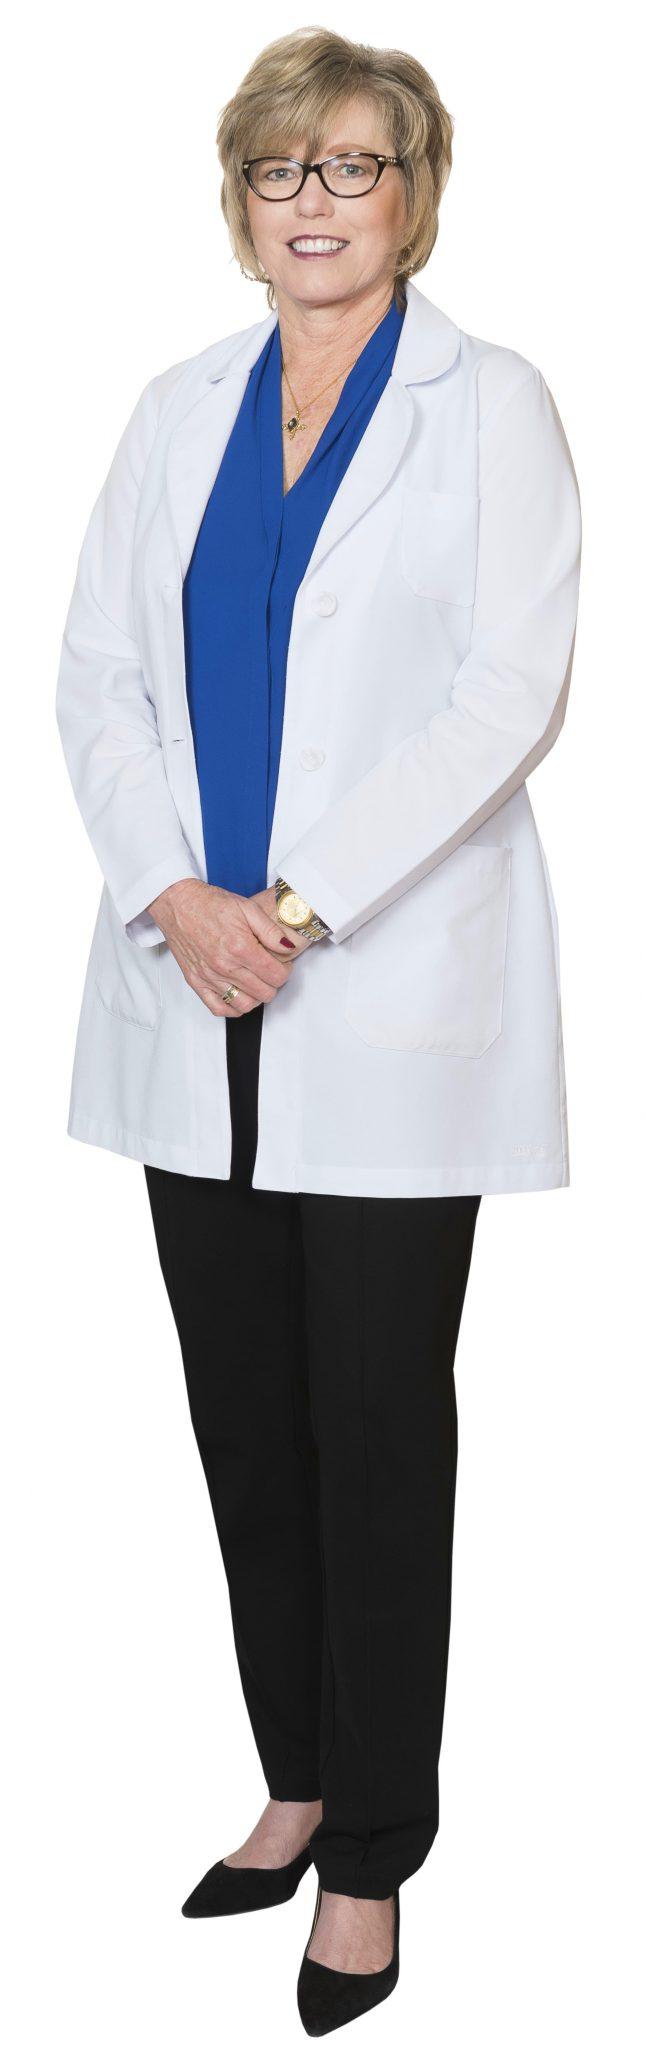 Kathleen M. Cochran, O.D.